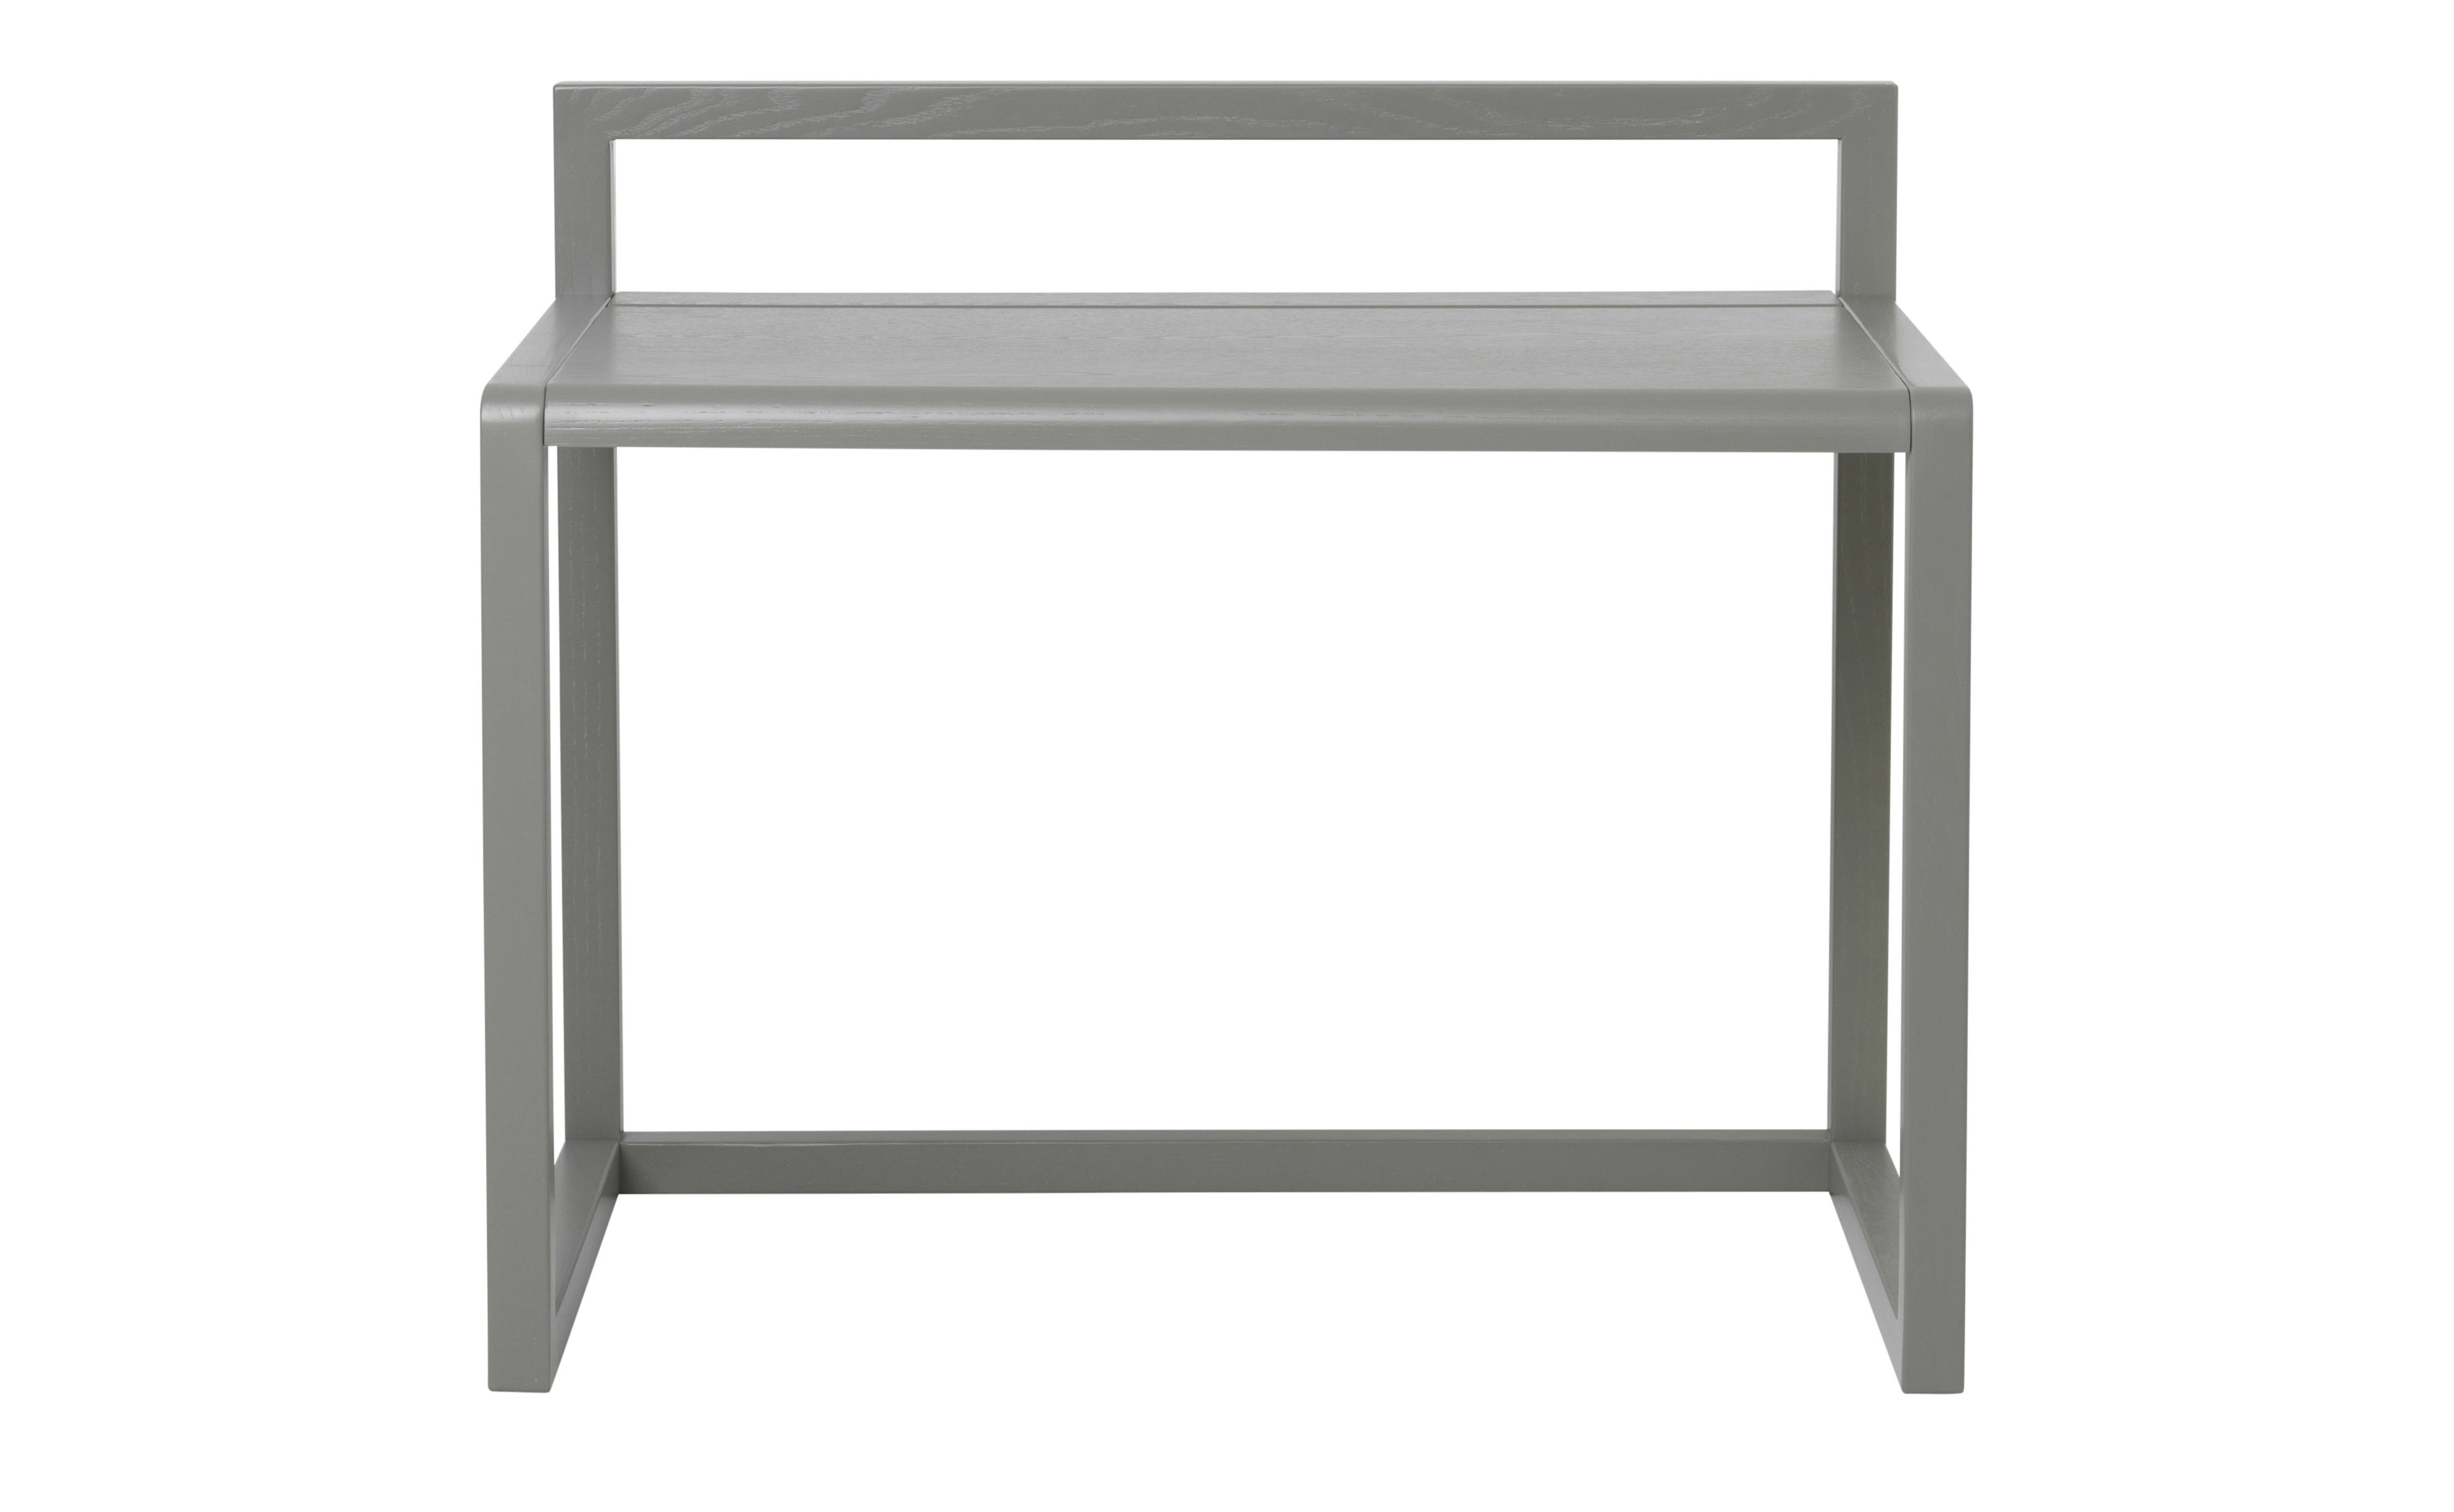 Bureau enfant little architect bois l 70 cm gris for Bureau 70 cm largeur